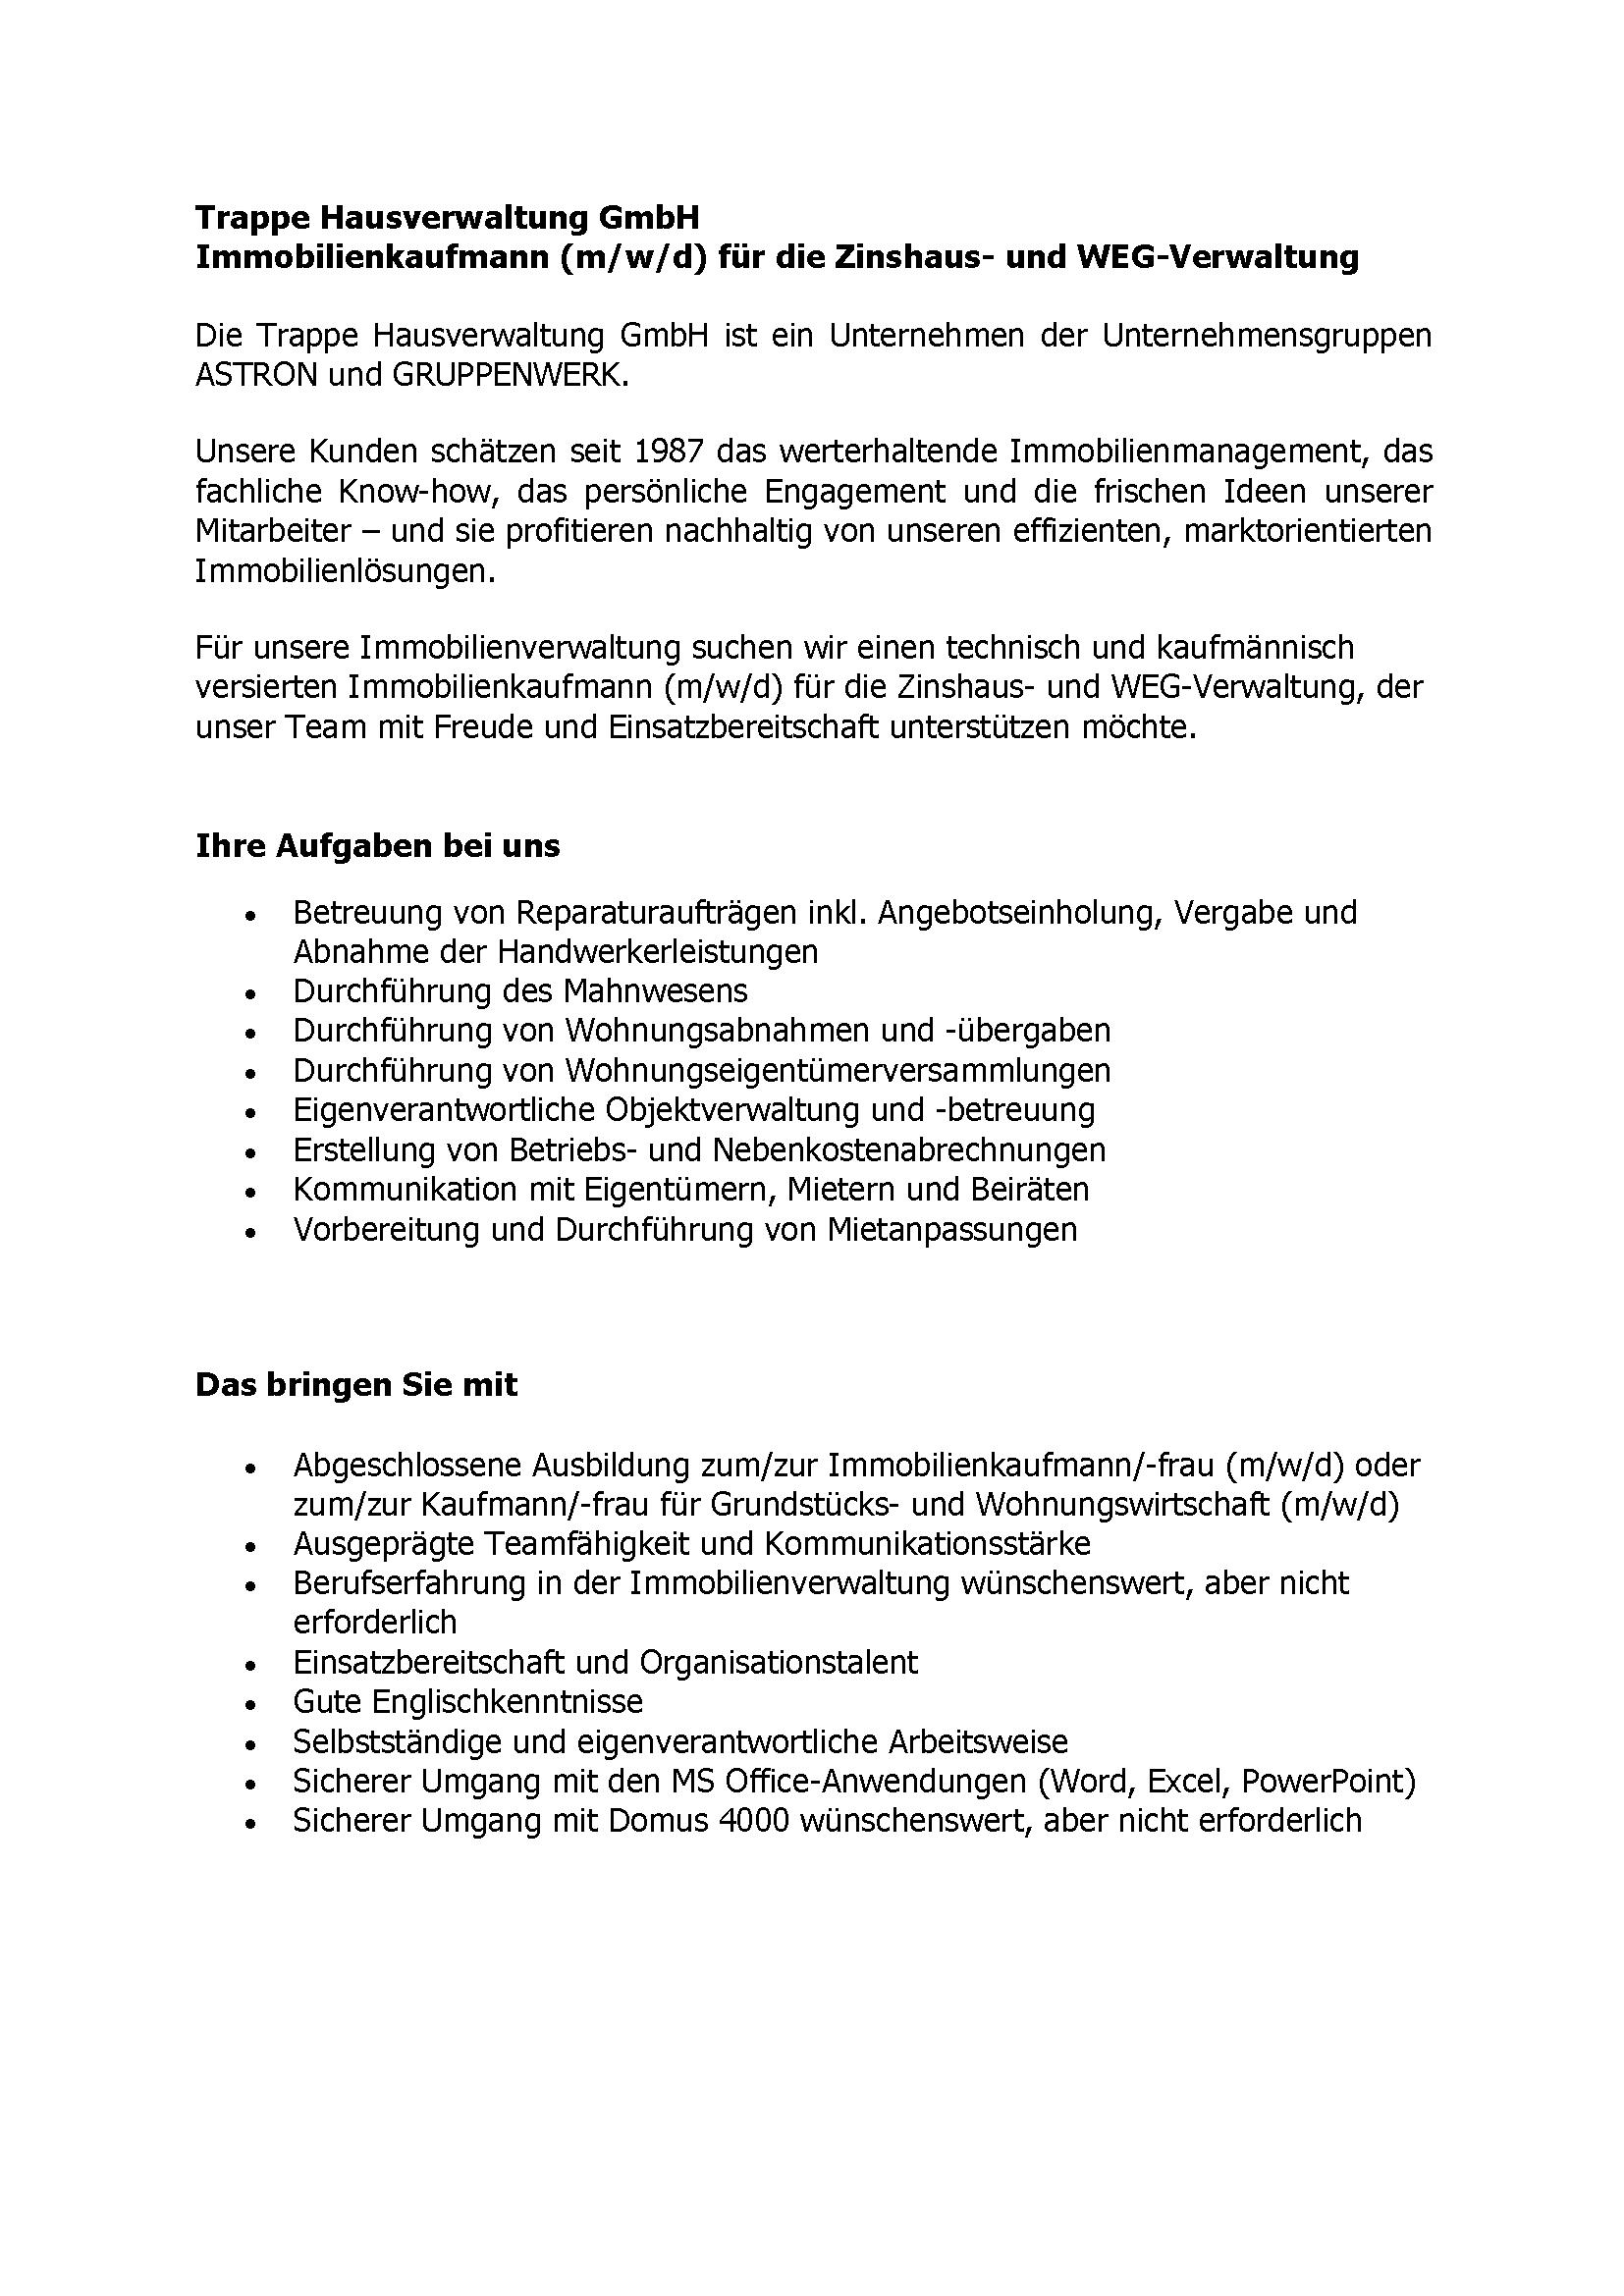 ASTRON Immobilien-Kontor Hamburg - Stellenausschreibung Zinshaus und WEG-Verwalter